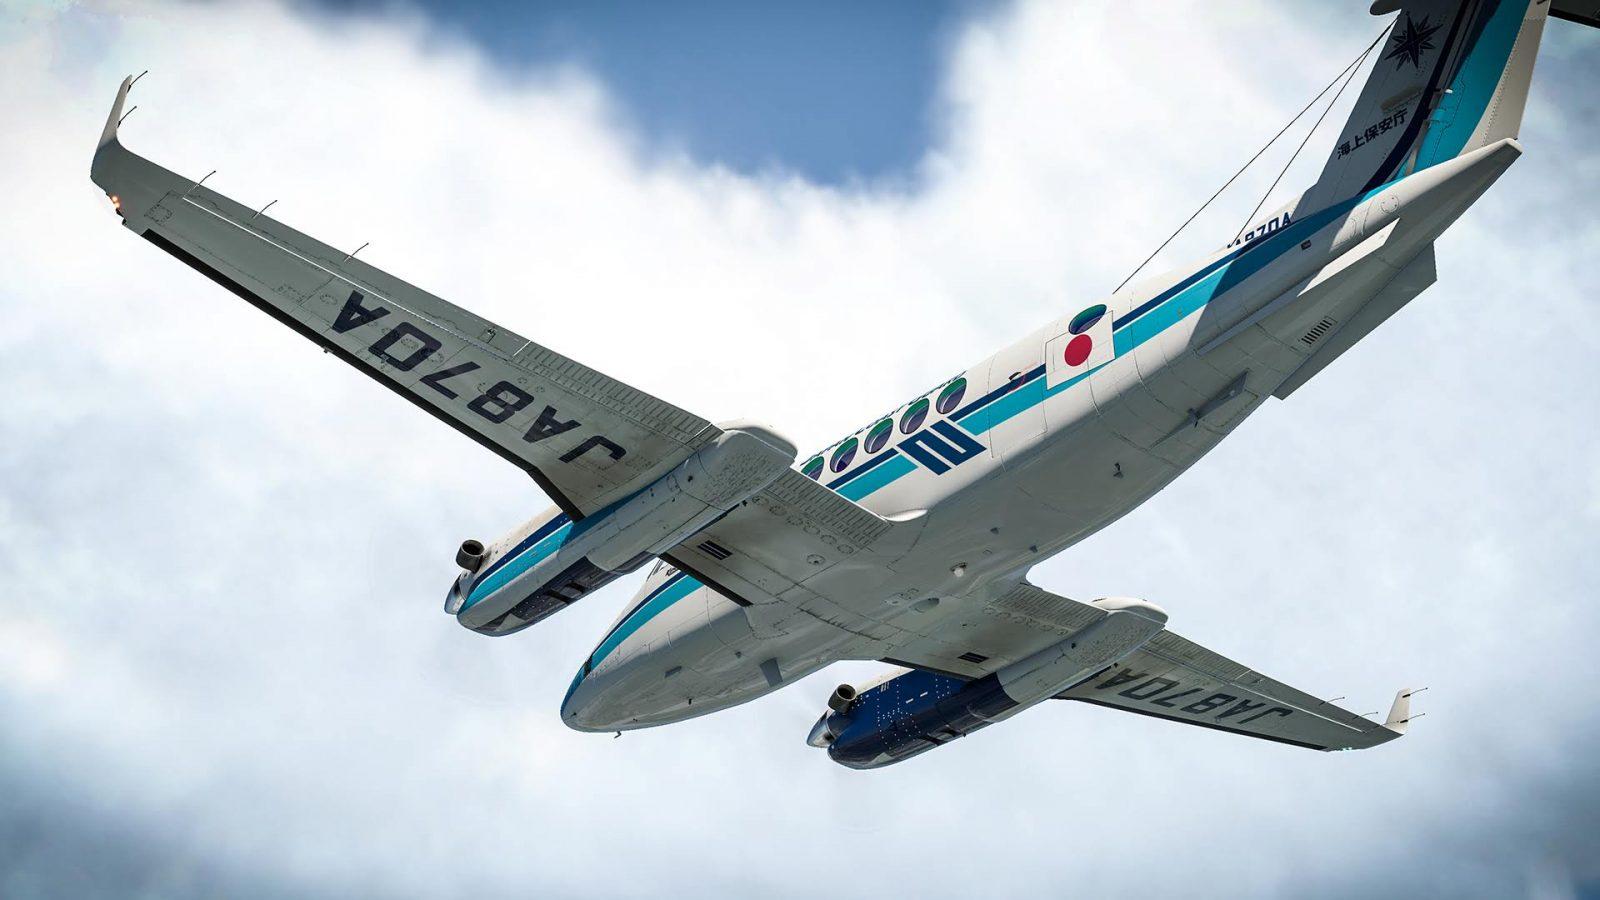 airfoillabs-king-air-350-25-1600x900.jpg